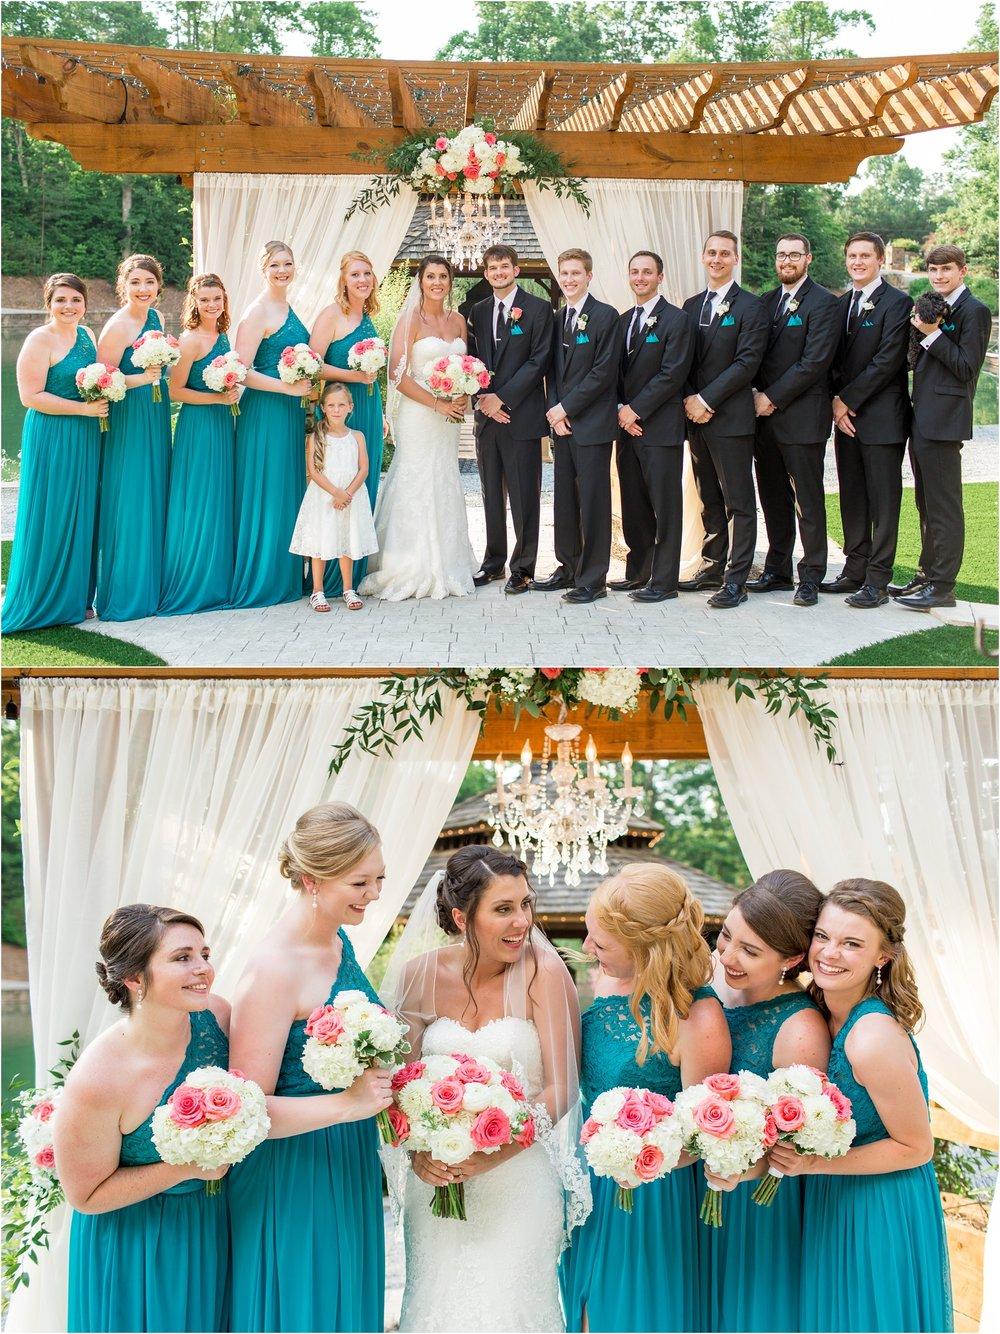 Savannah Eve Photography- Roberts-Brown Wedding- Sneak Peek-61.jpg